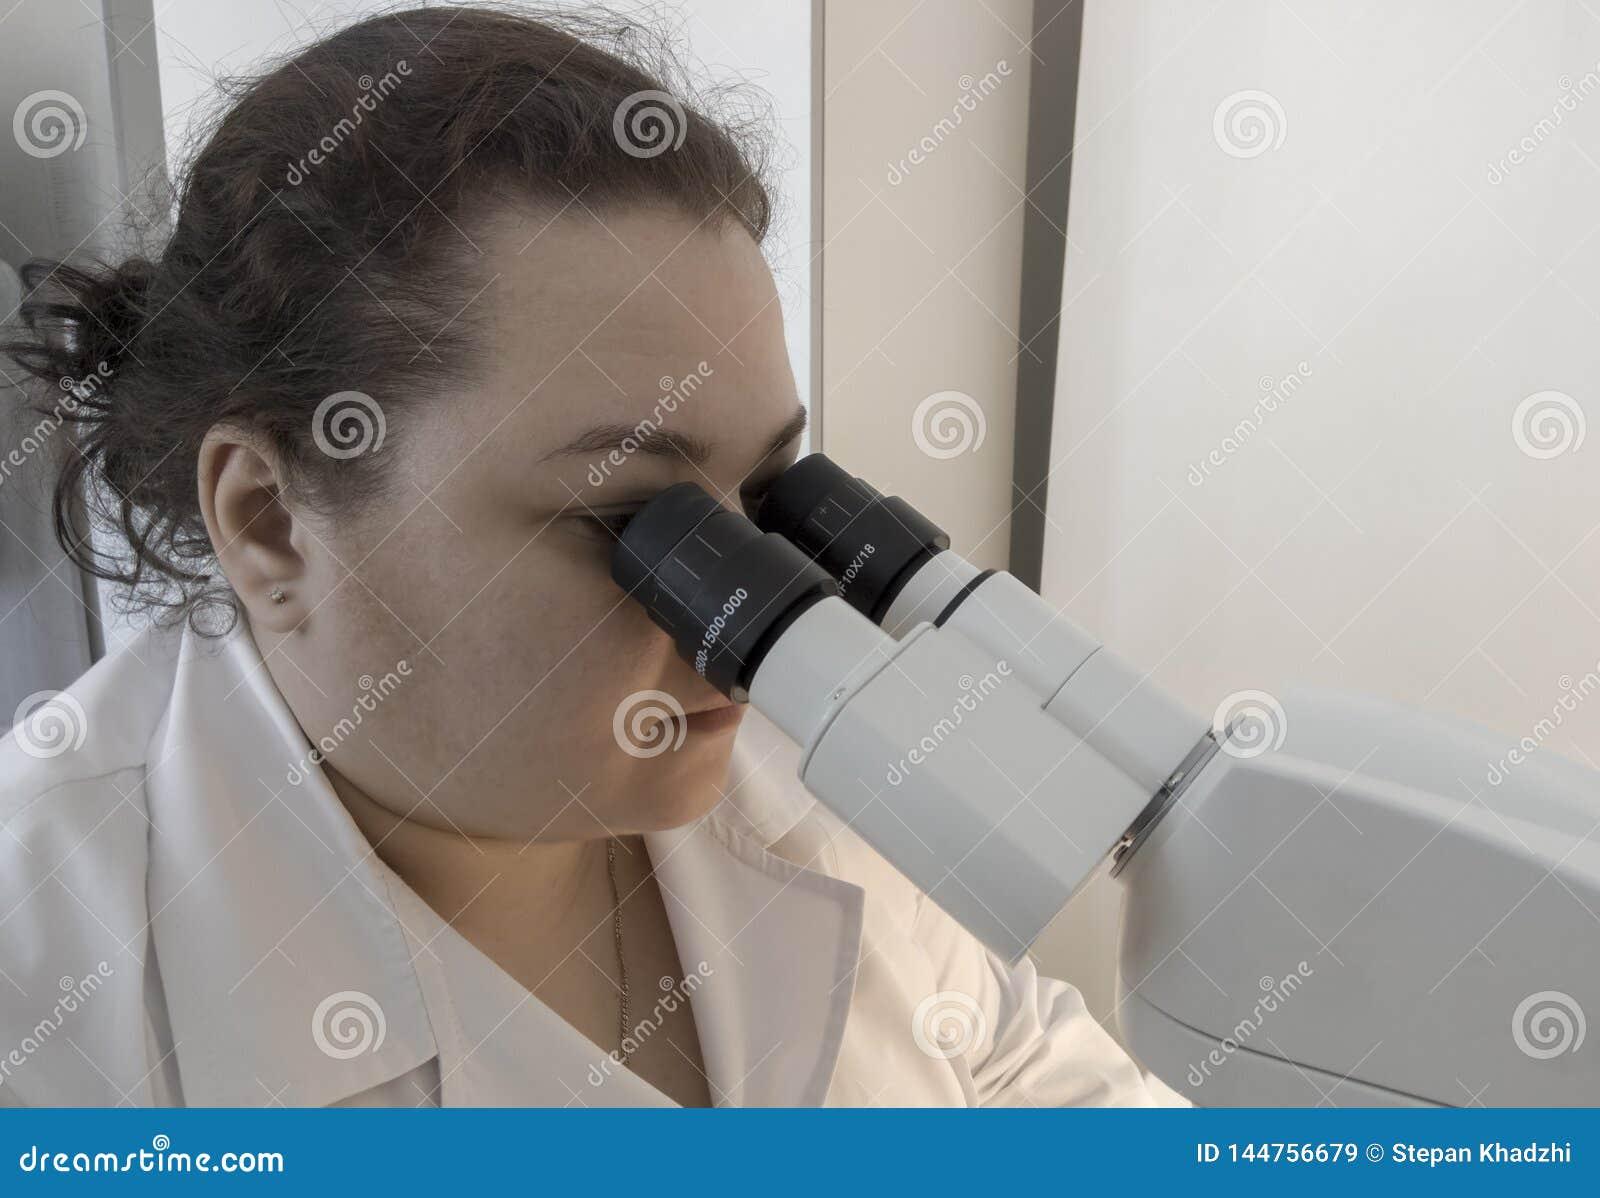 Wissenschaftler, der durch ein Mikroskop in einem Labor tut Forschung schaut